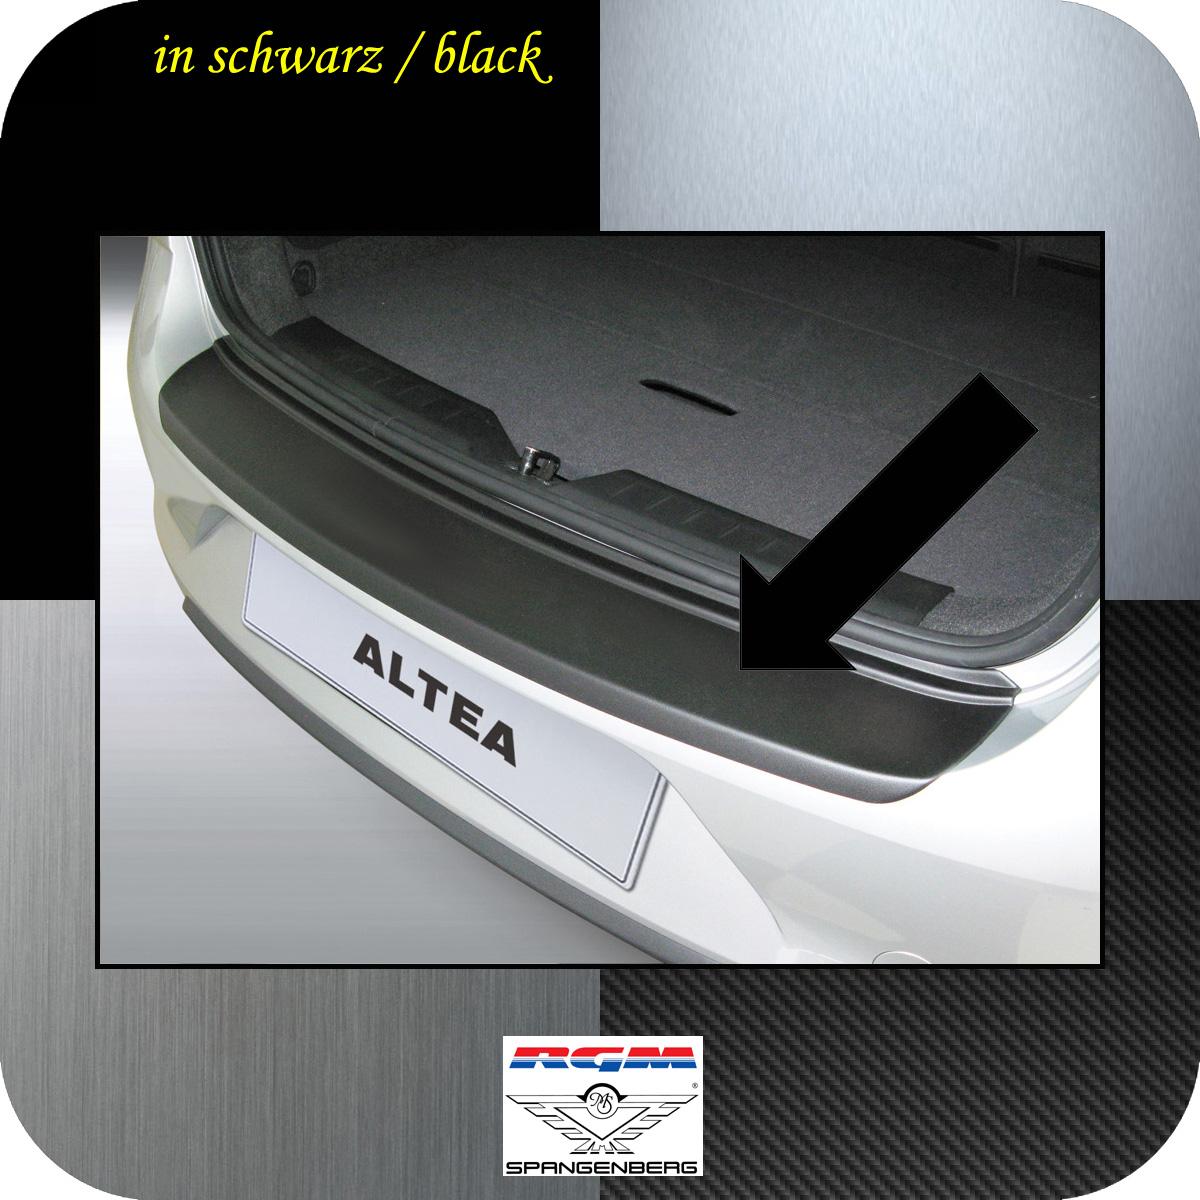 Ladekantenschutz schwarz Seat Altea Van Kombi ab facelift 2009-2015 3500518